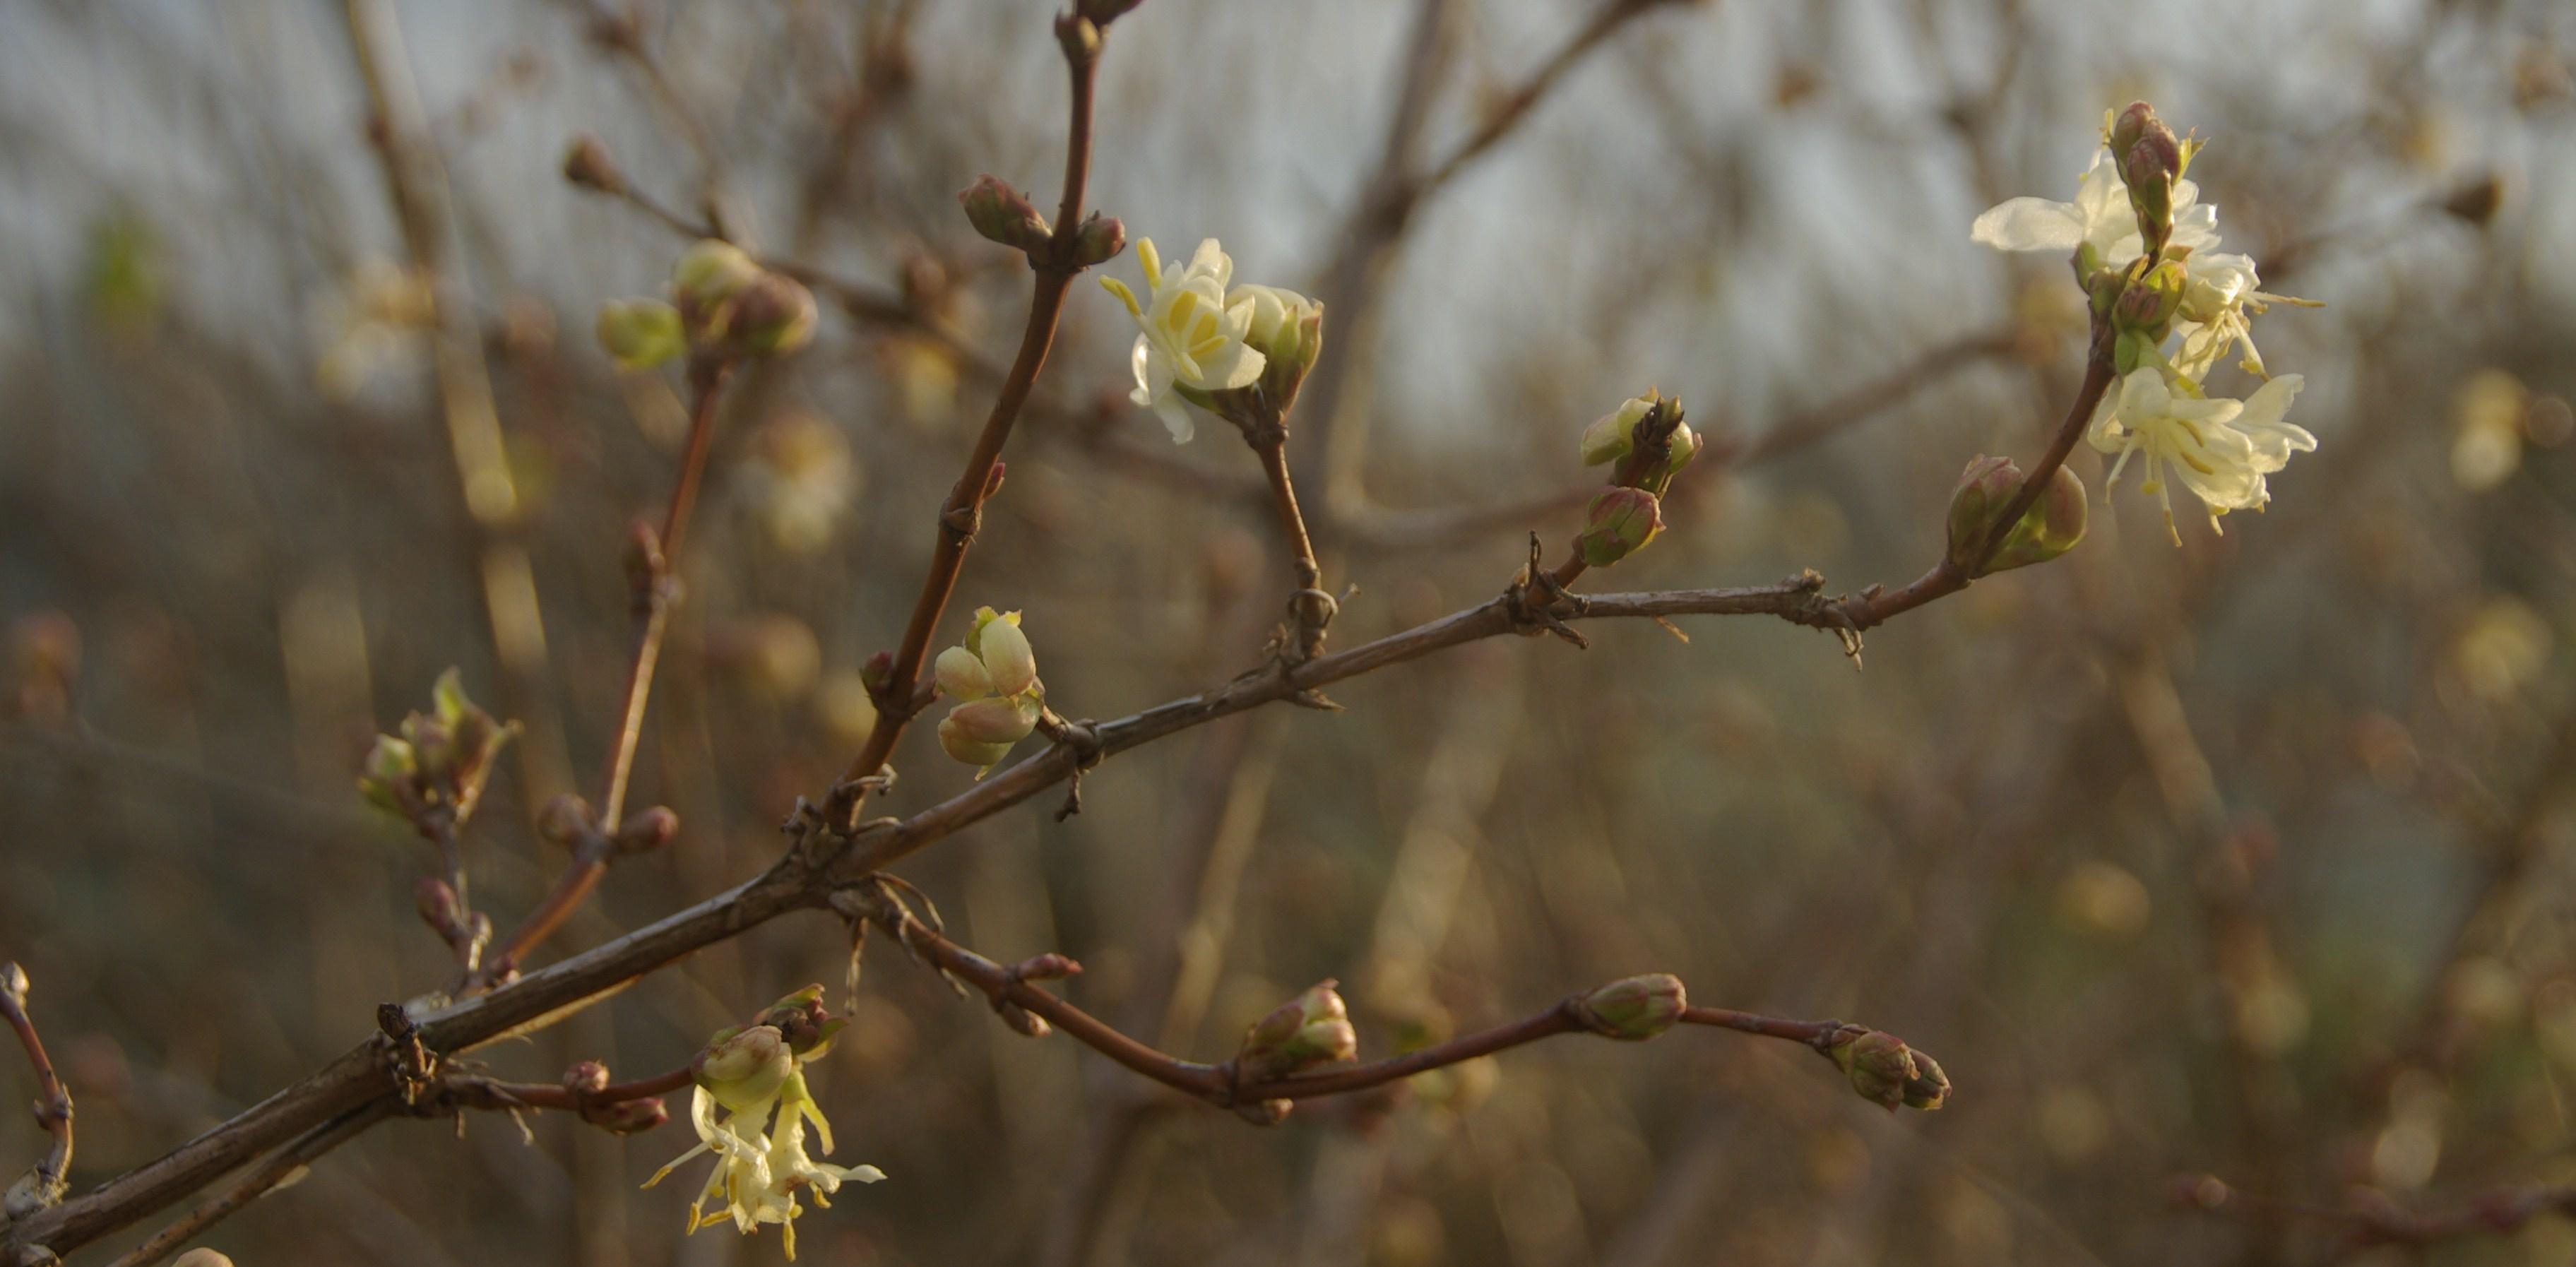 Lonicera fragantissima m'amène tout naturellement à parler du parfum des fleurs…